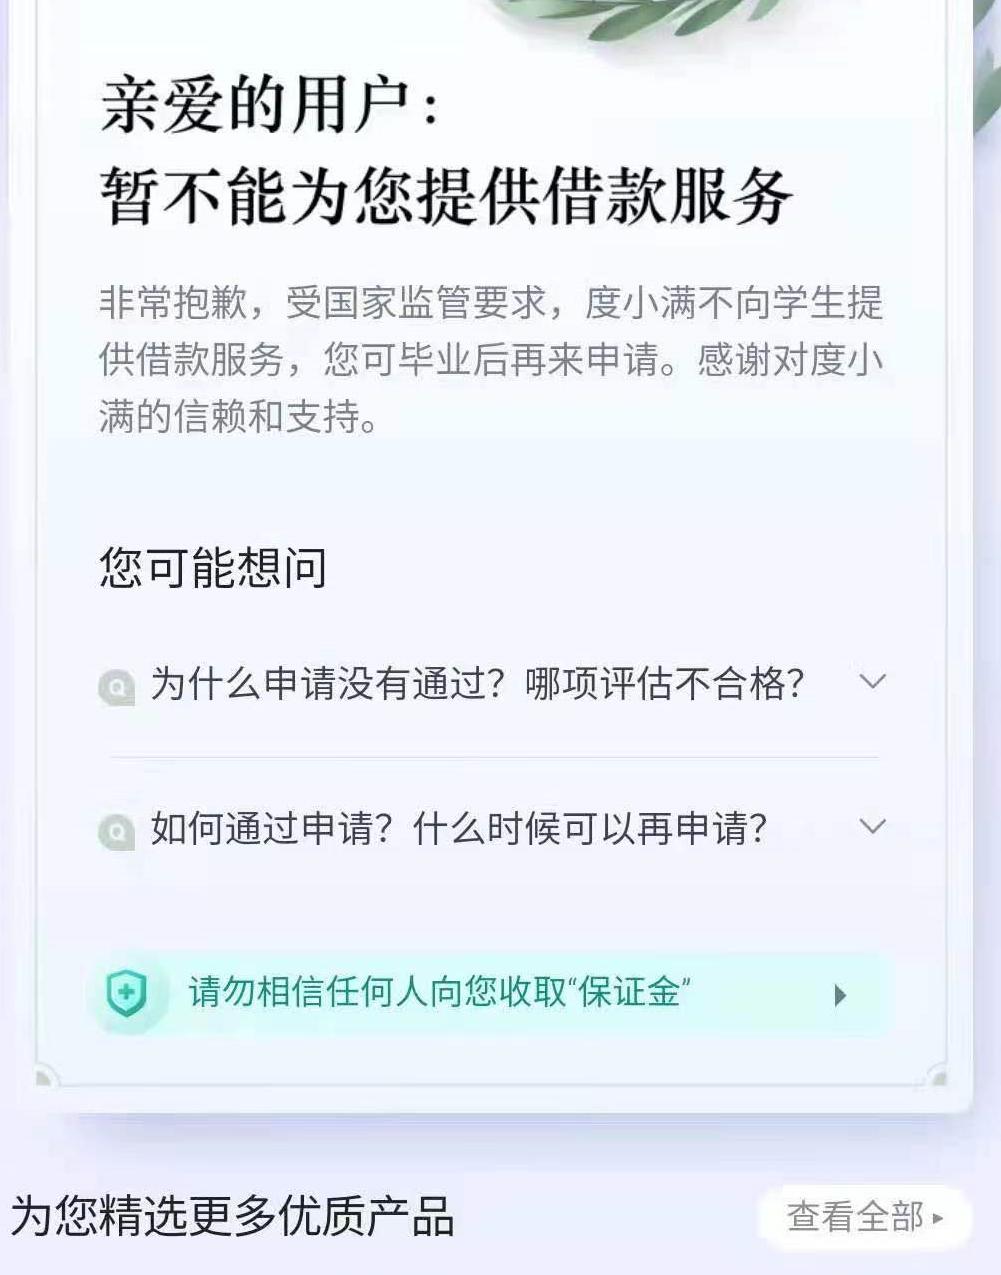 张墨自行申请贷款因学生身份被拒绝